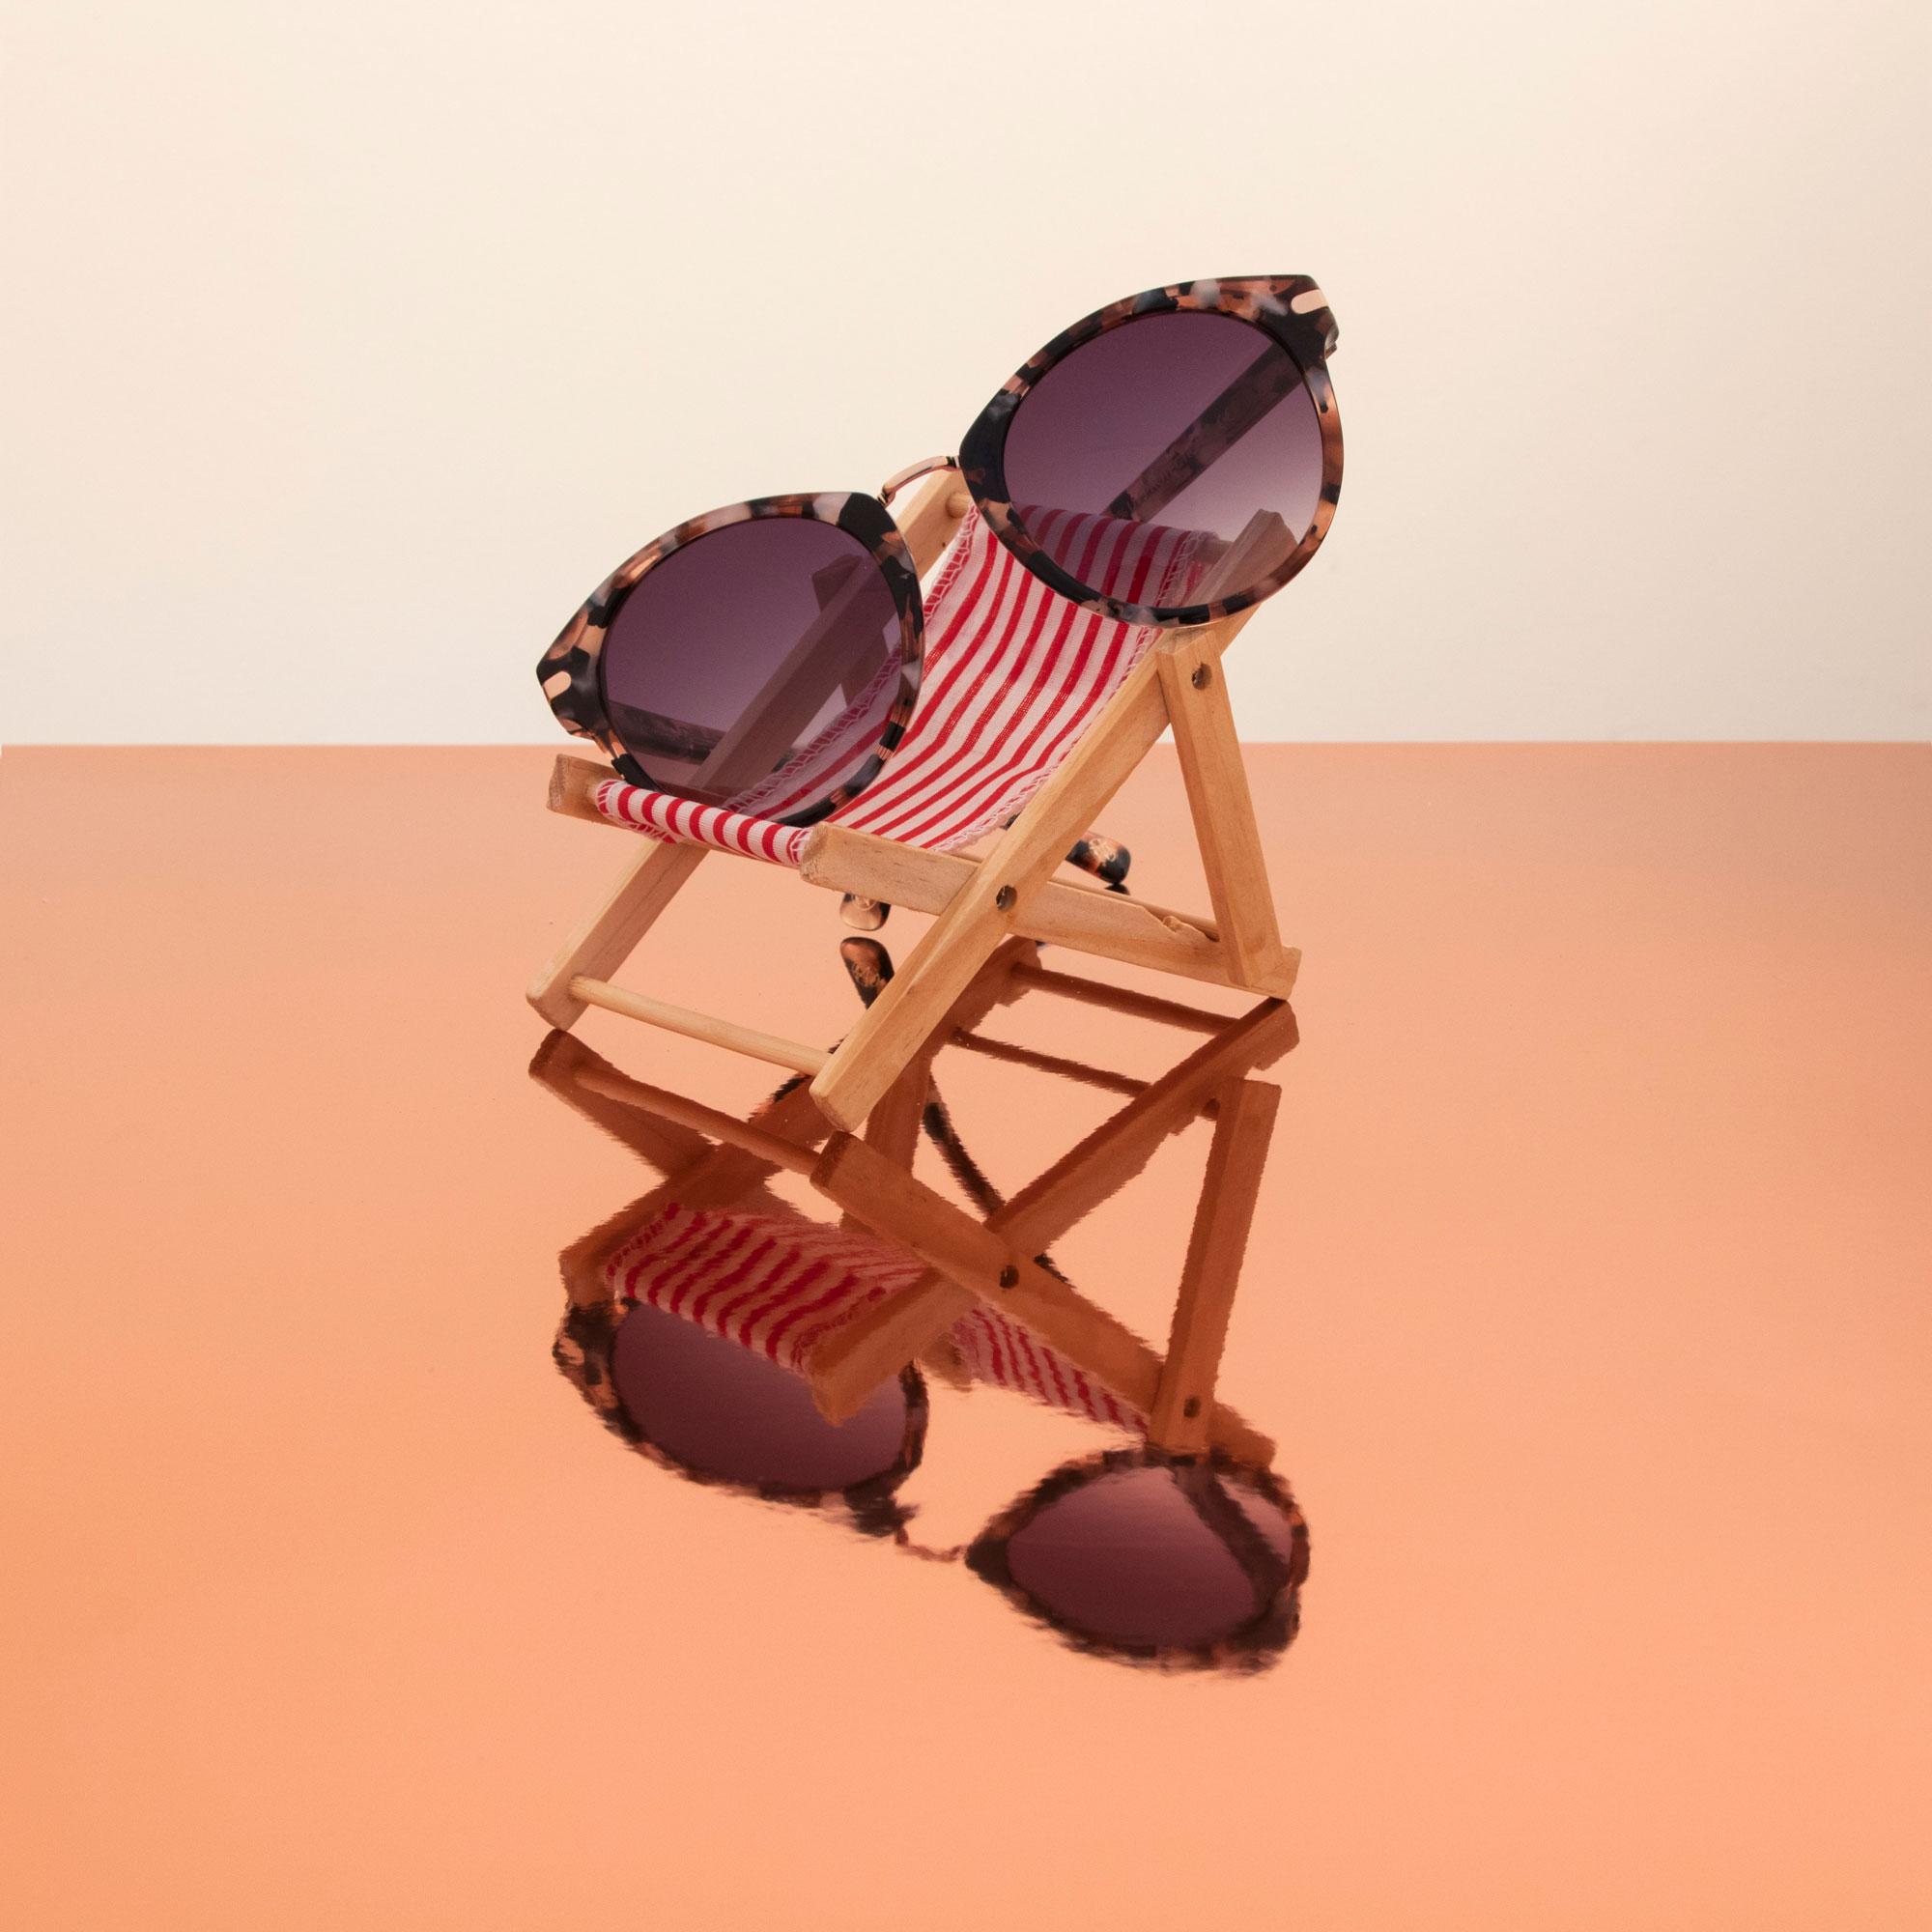 perlavankessel_sunbathing_sunglasses_opt